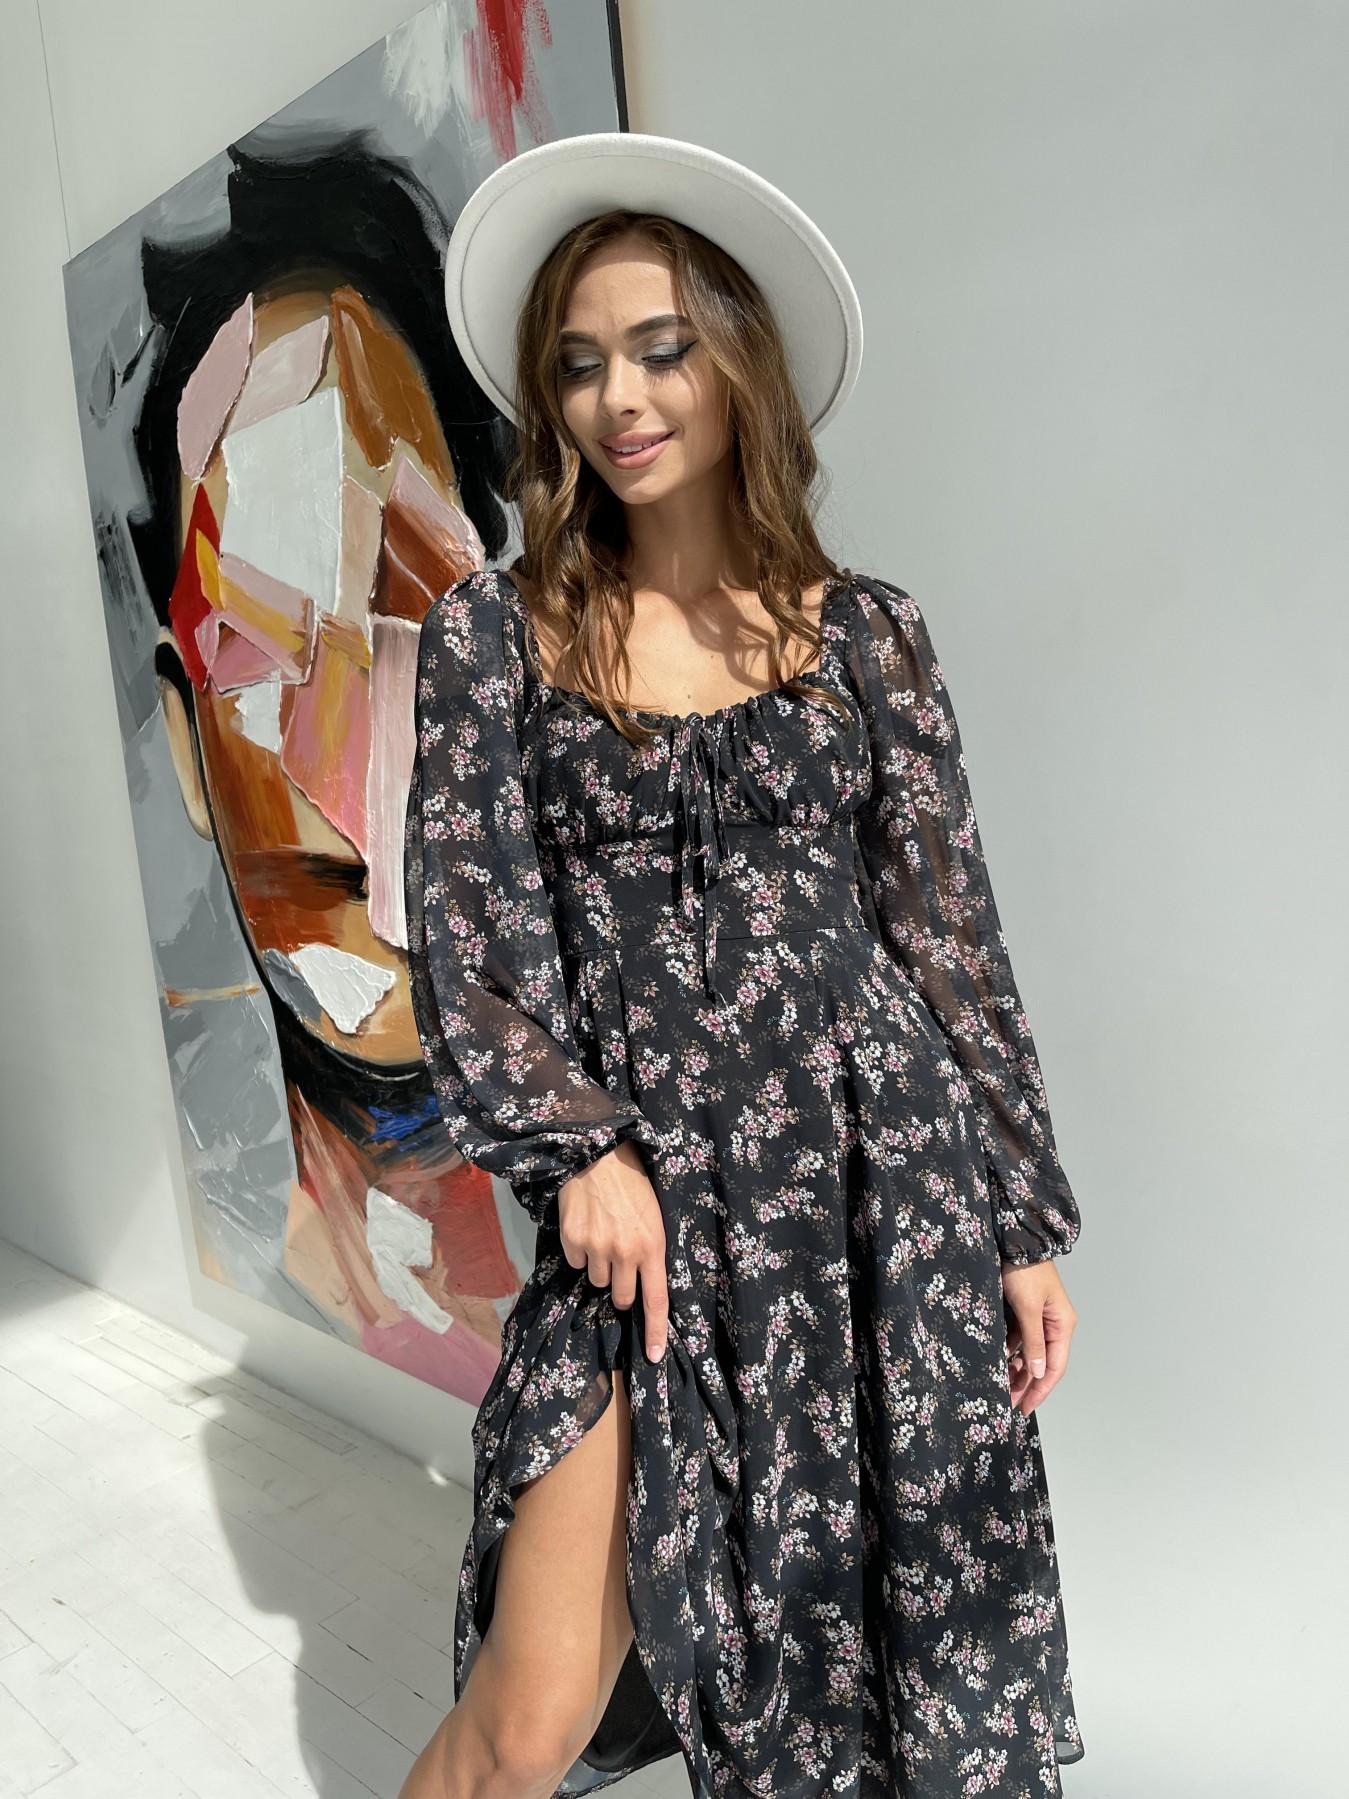 Кисес платье из шифона с цветочным принтом 11774 АРТ. 48549 Цвет: Черный/ЦветыМелБукет - фото 4, интернет магазин tm-modus.ru